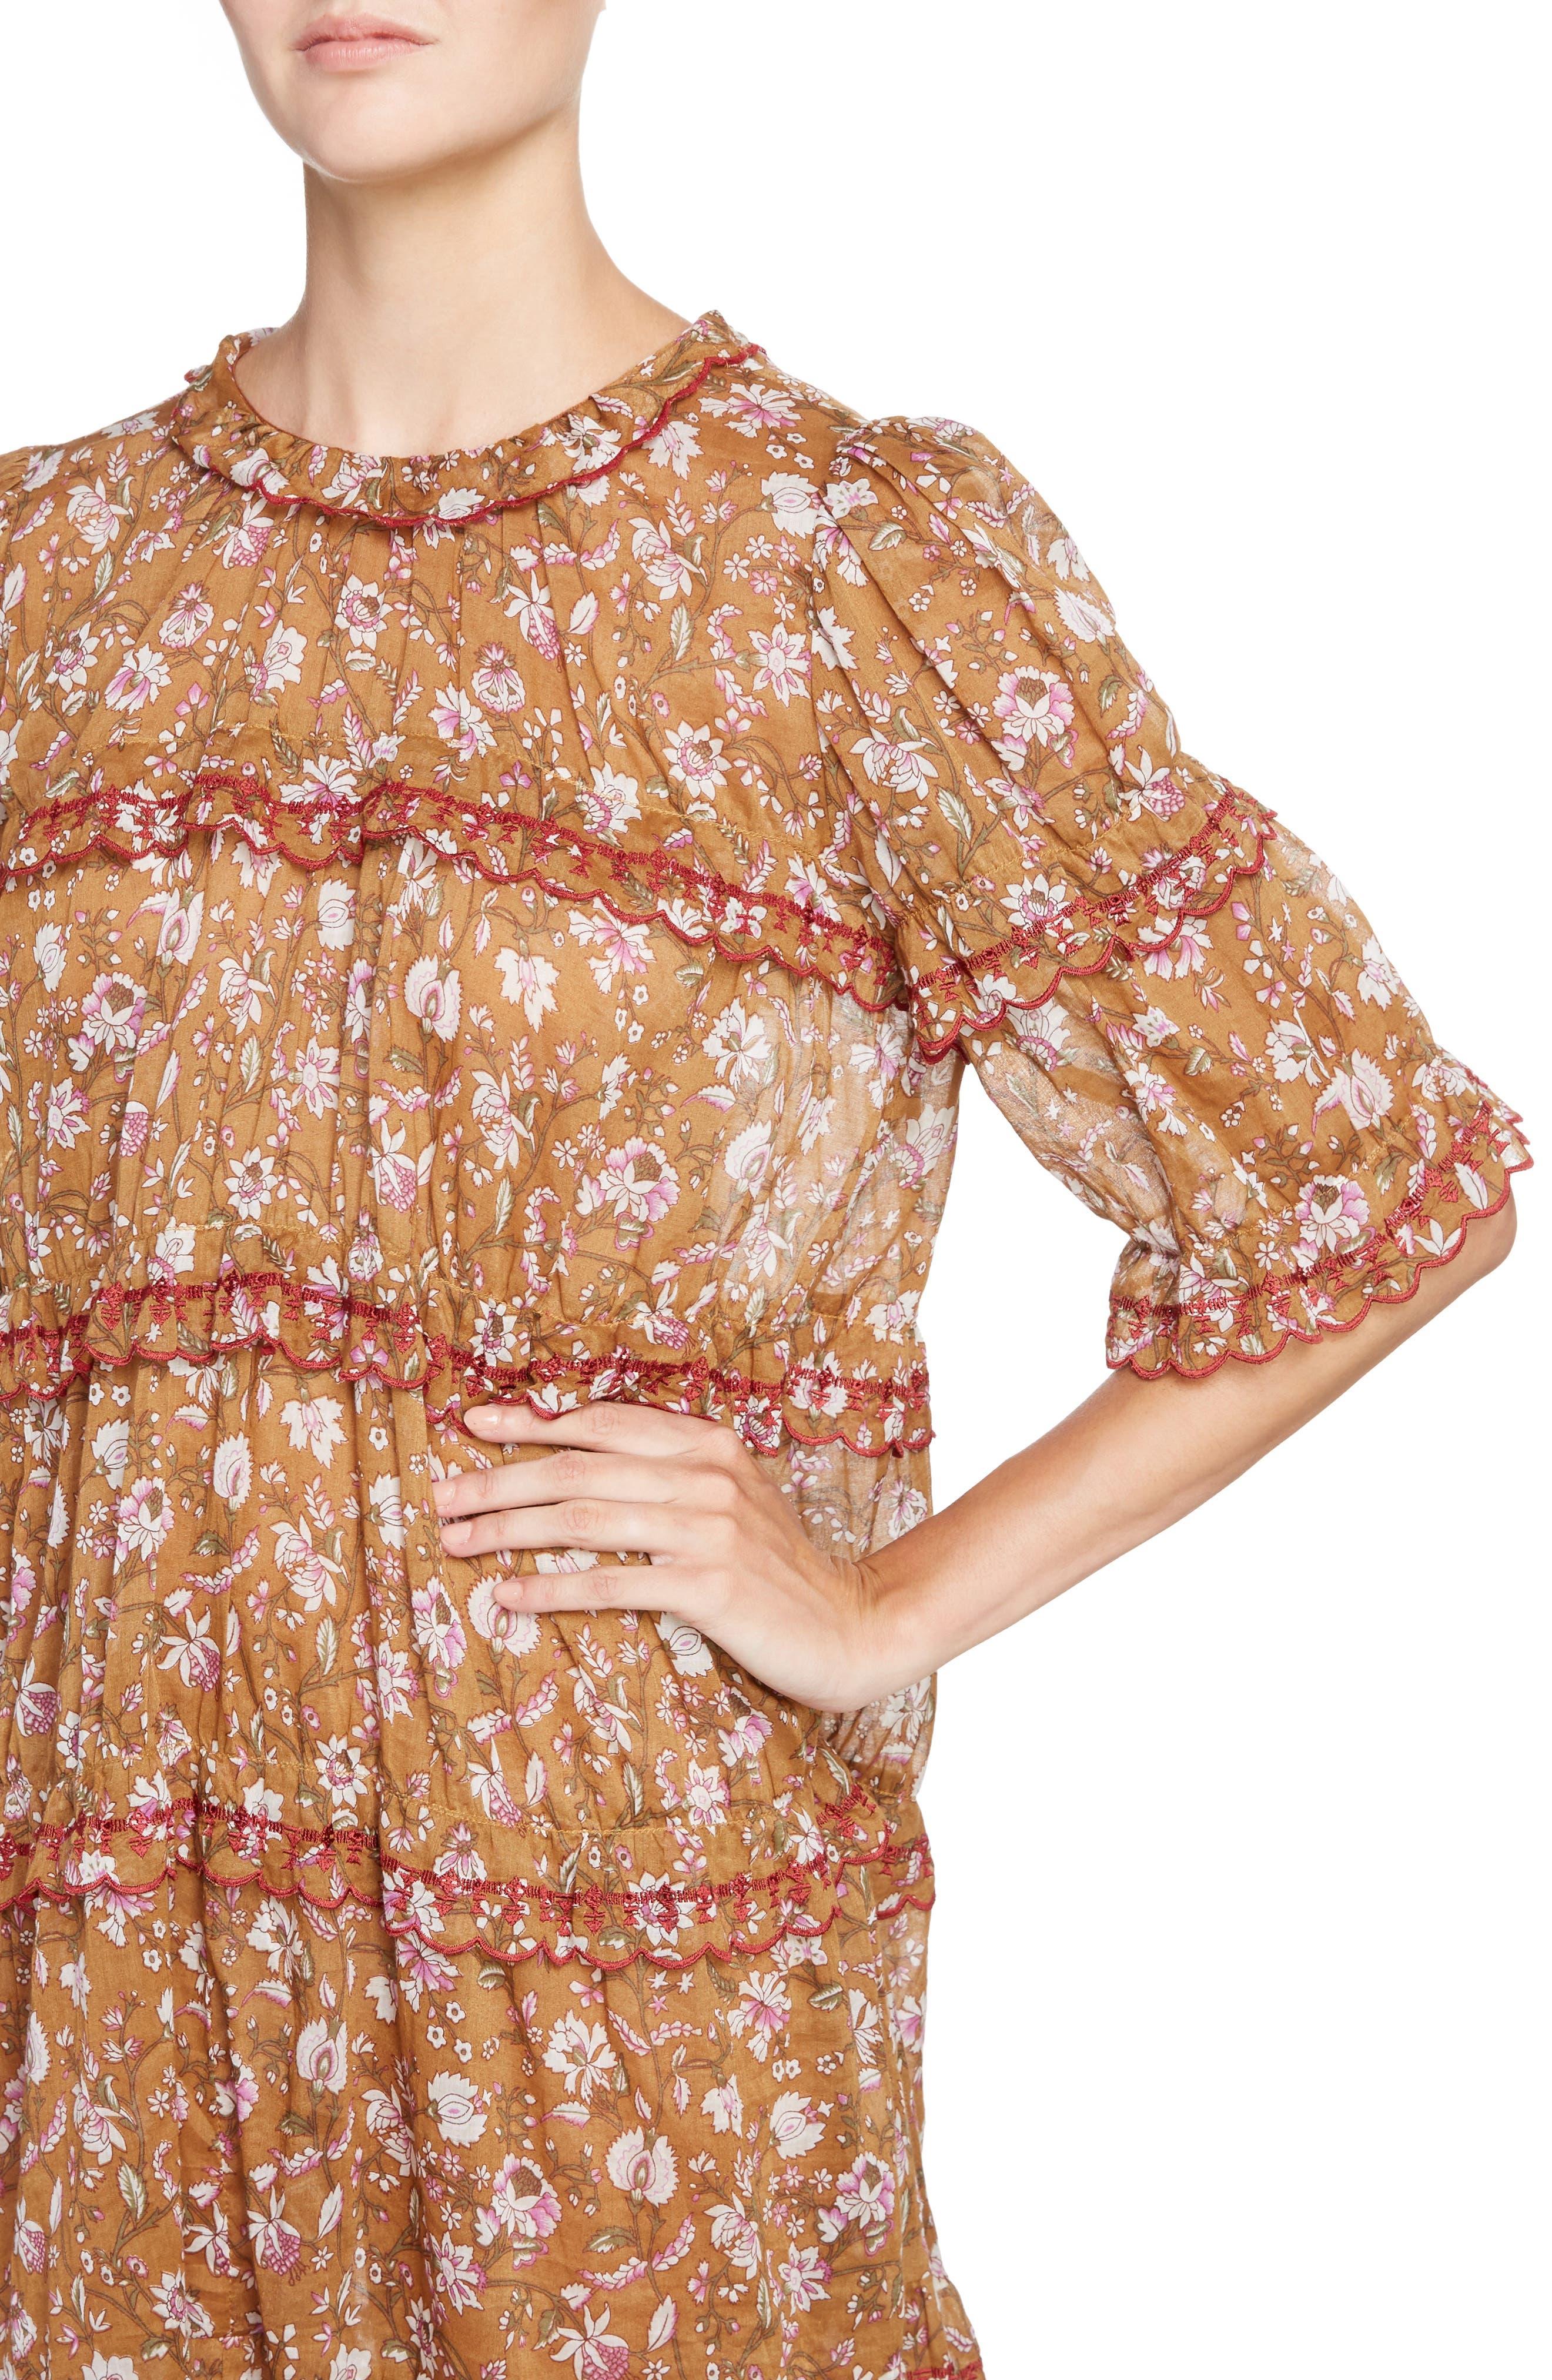 Isabel Marant Étoile Maiwenn Floral Print Cotton Dress,                             Alternate thumbnail 4, color,                             800